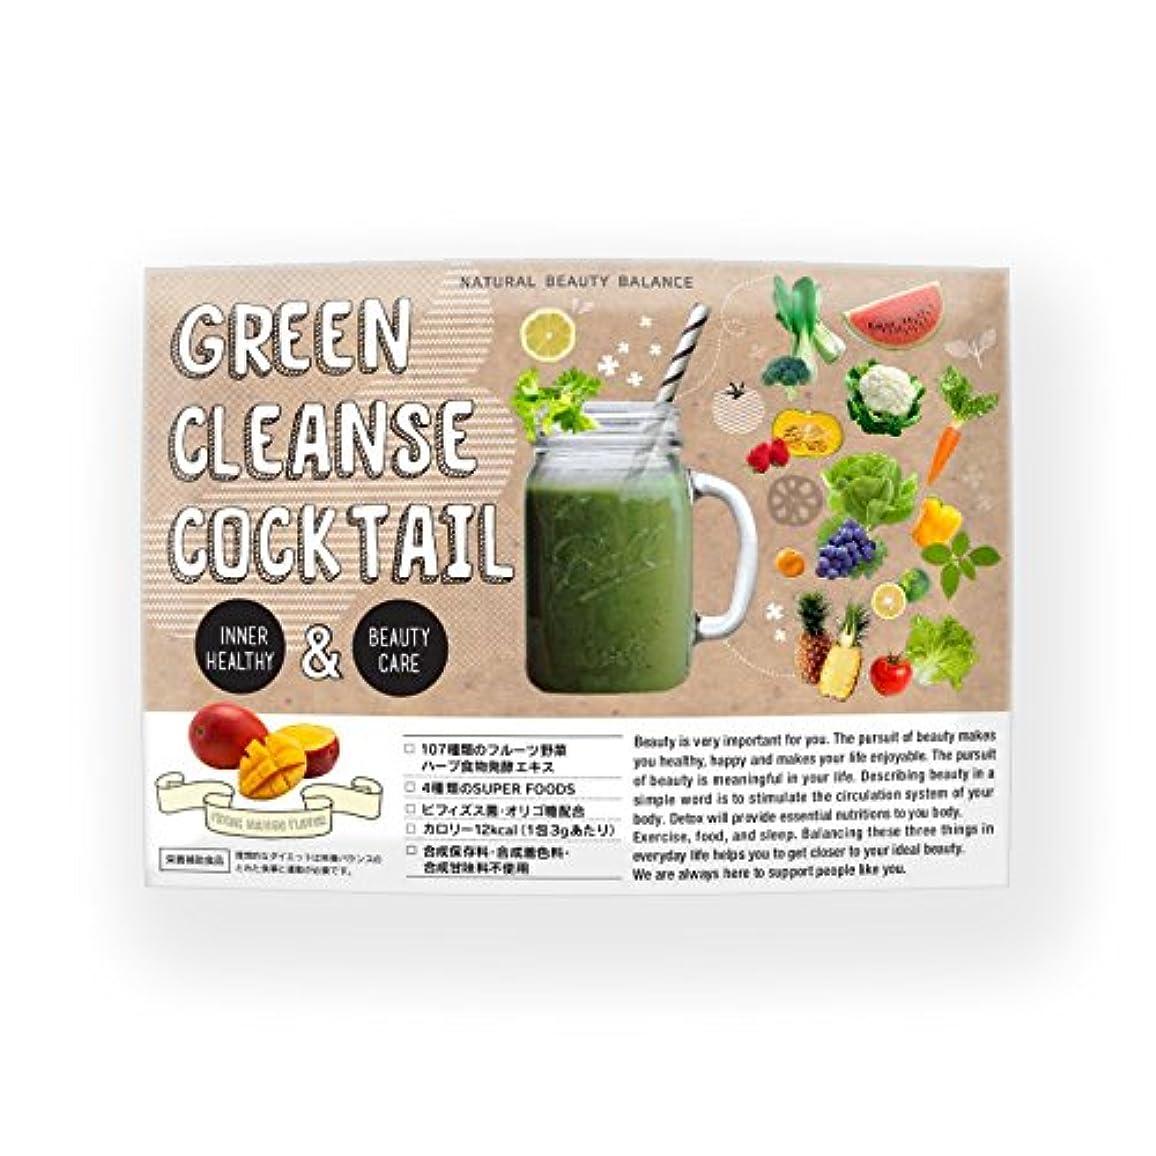 太平洋諸島二週間月曜Natural Beauty Balance グリーンクレンズカクテル Green Cleanse Coktail ダイエット 30包